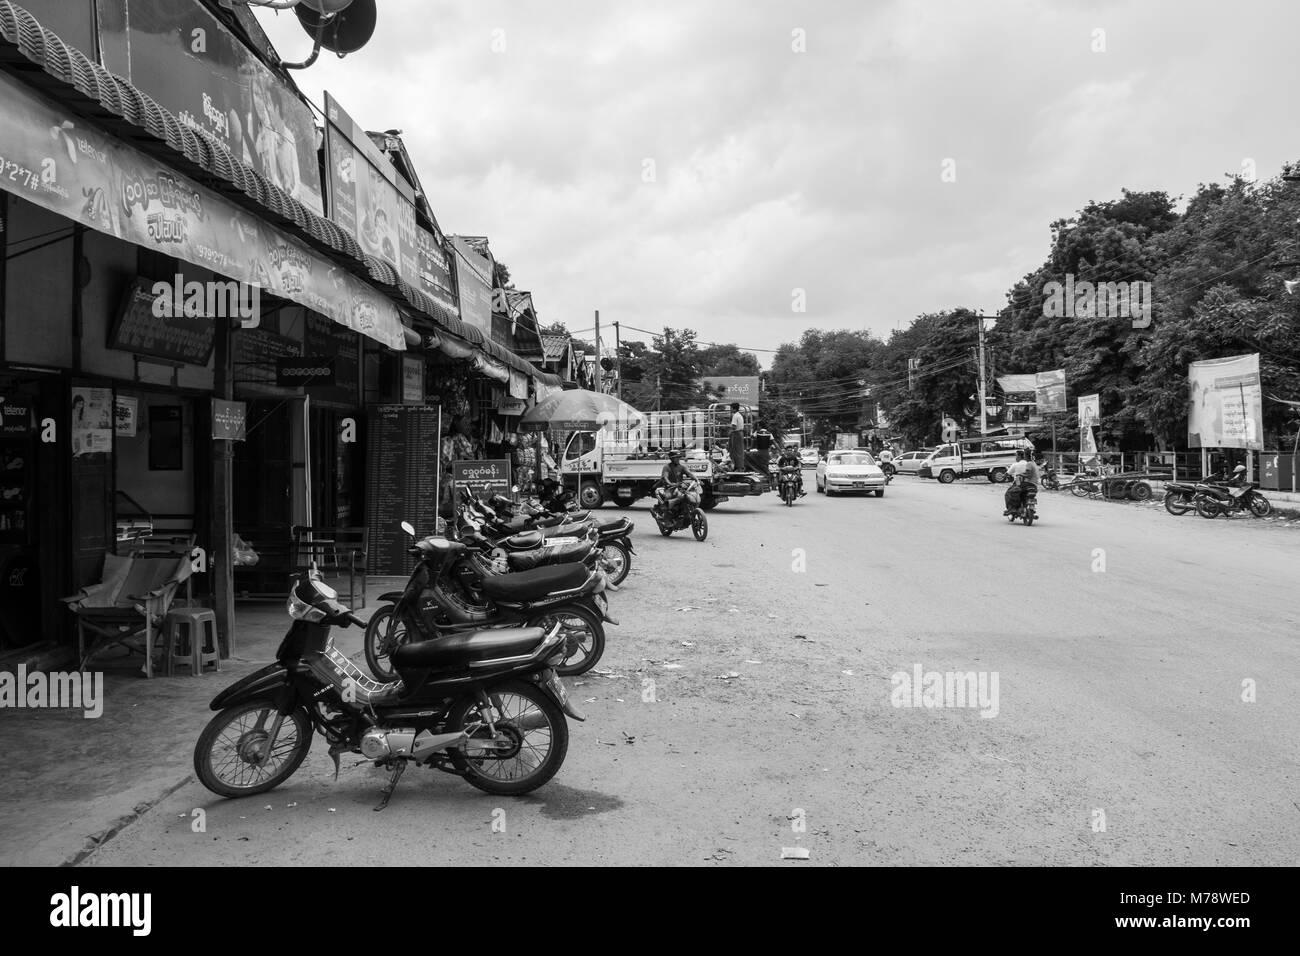 Ein sandiger Straße neben Nyaung U Markt in der Nähe von Bagan, Myanmar, Birma. Marktstände und geparkte Stockbild